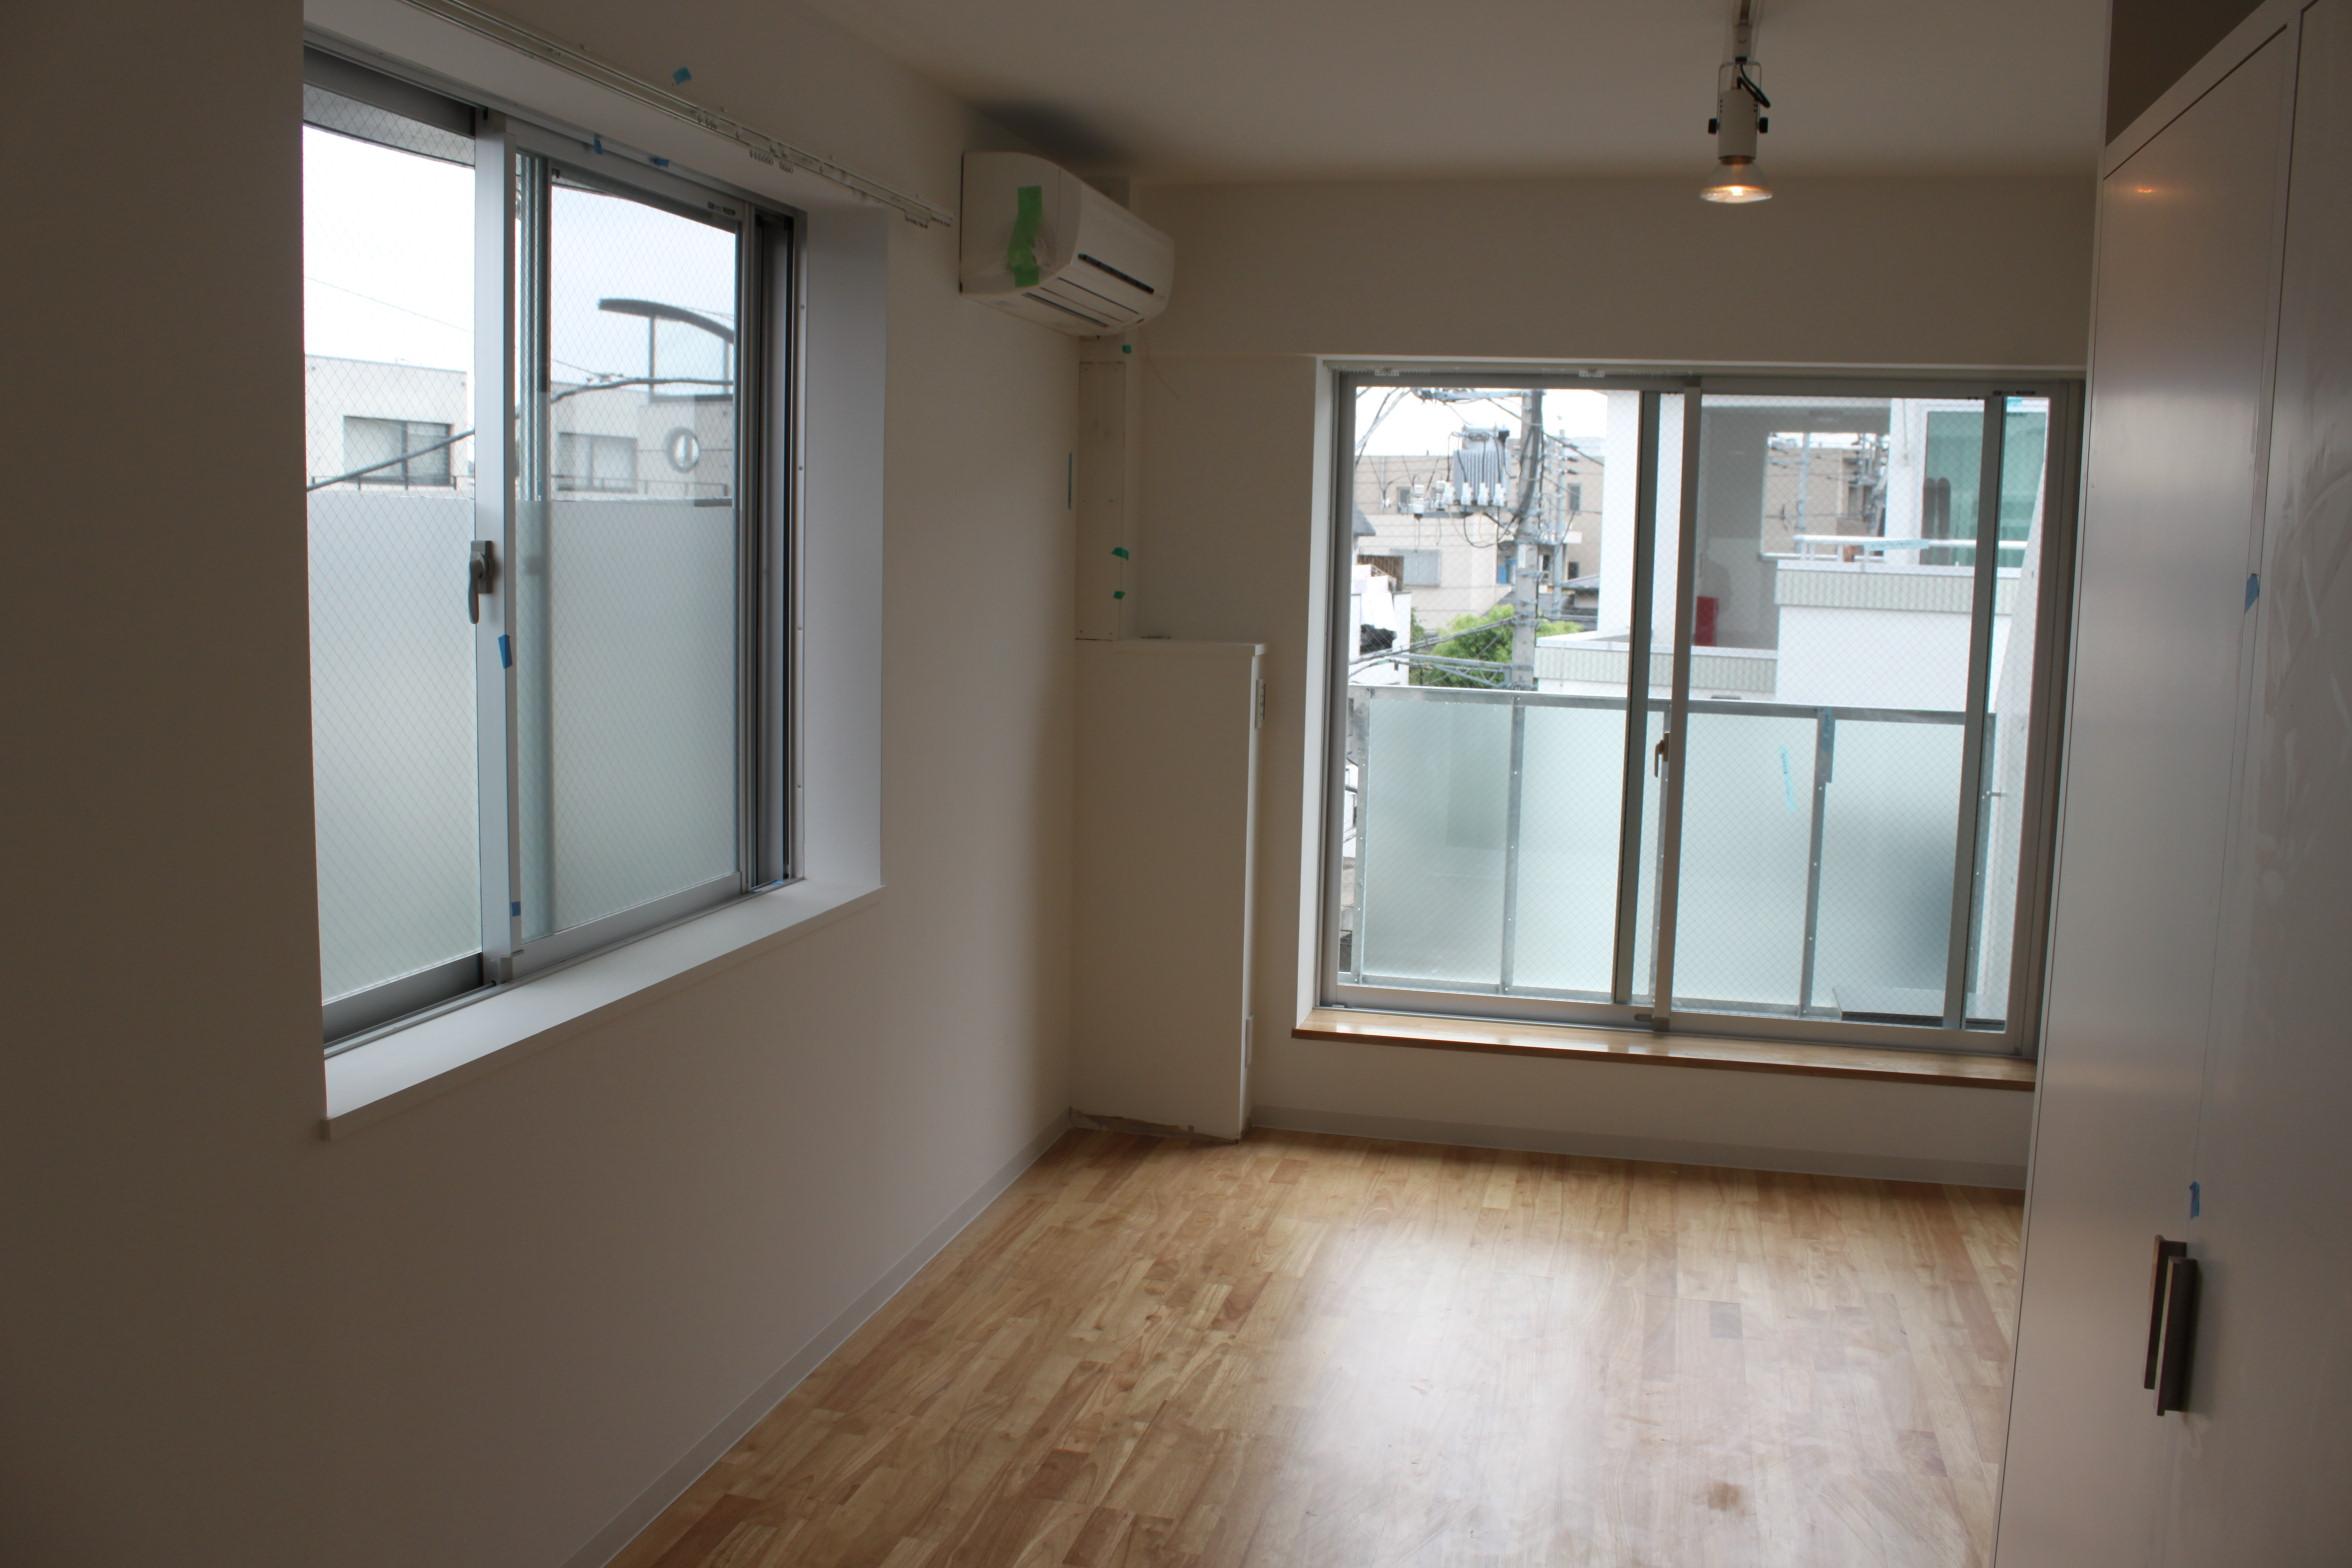 下北沢で一人暮らしを始めるならここ!自然光が心地良い「sidewalk下北沢」301号室